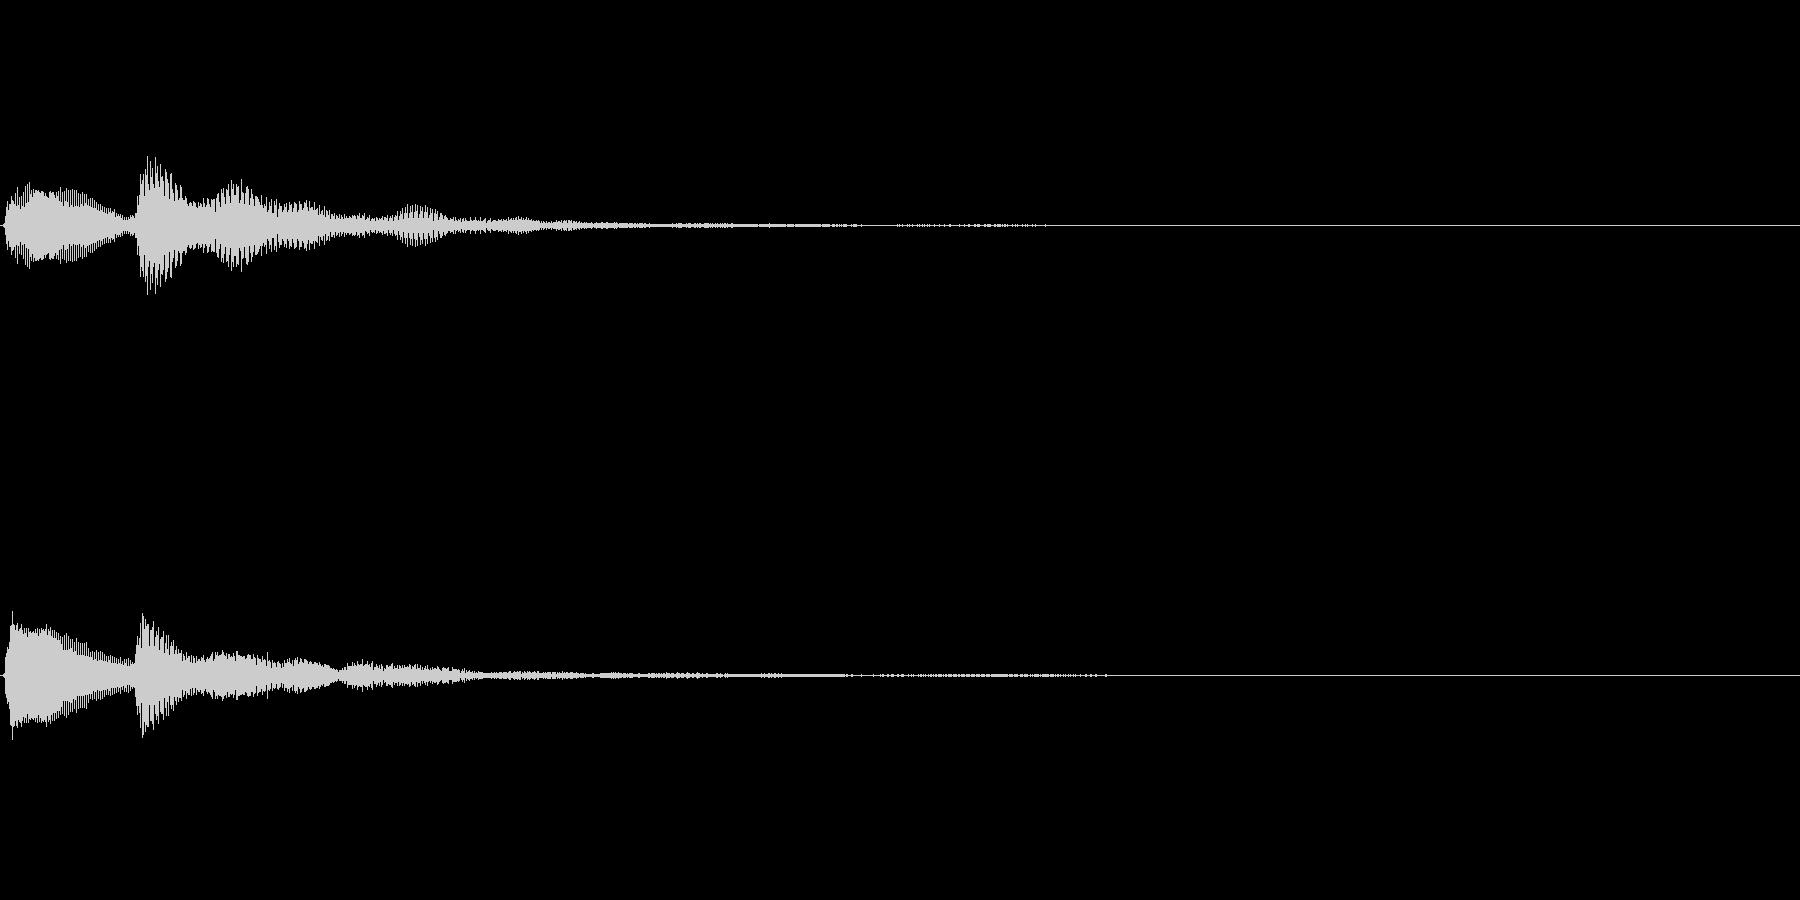 テッローン テロップ・決定音の未再生の波形